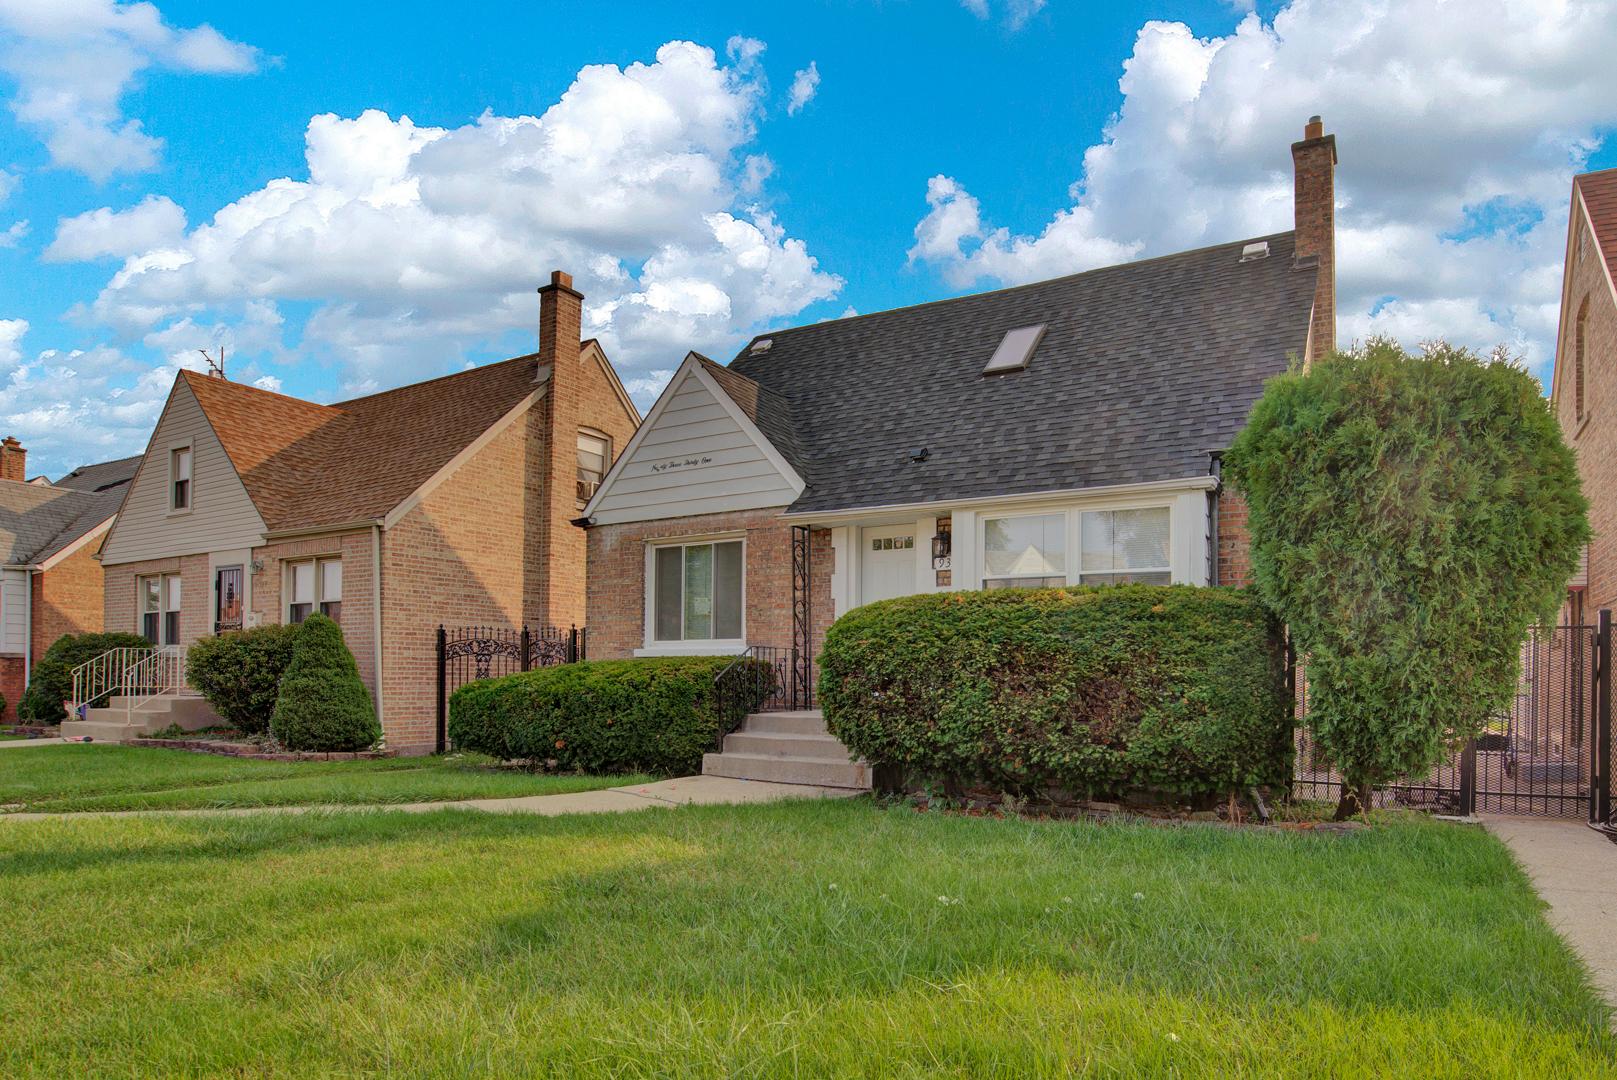 9331 S Peoria Exterior Photo